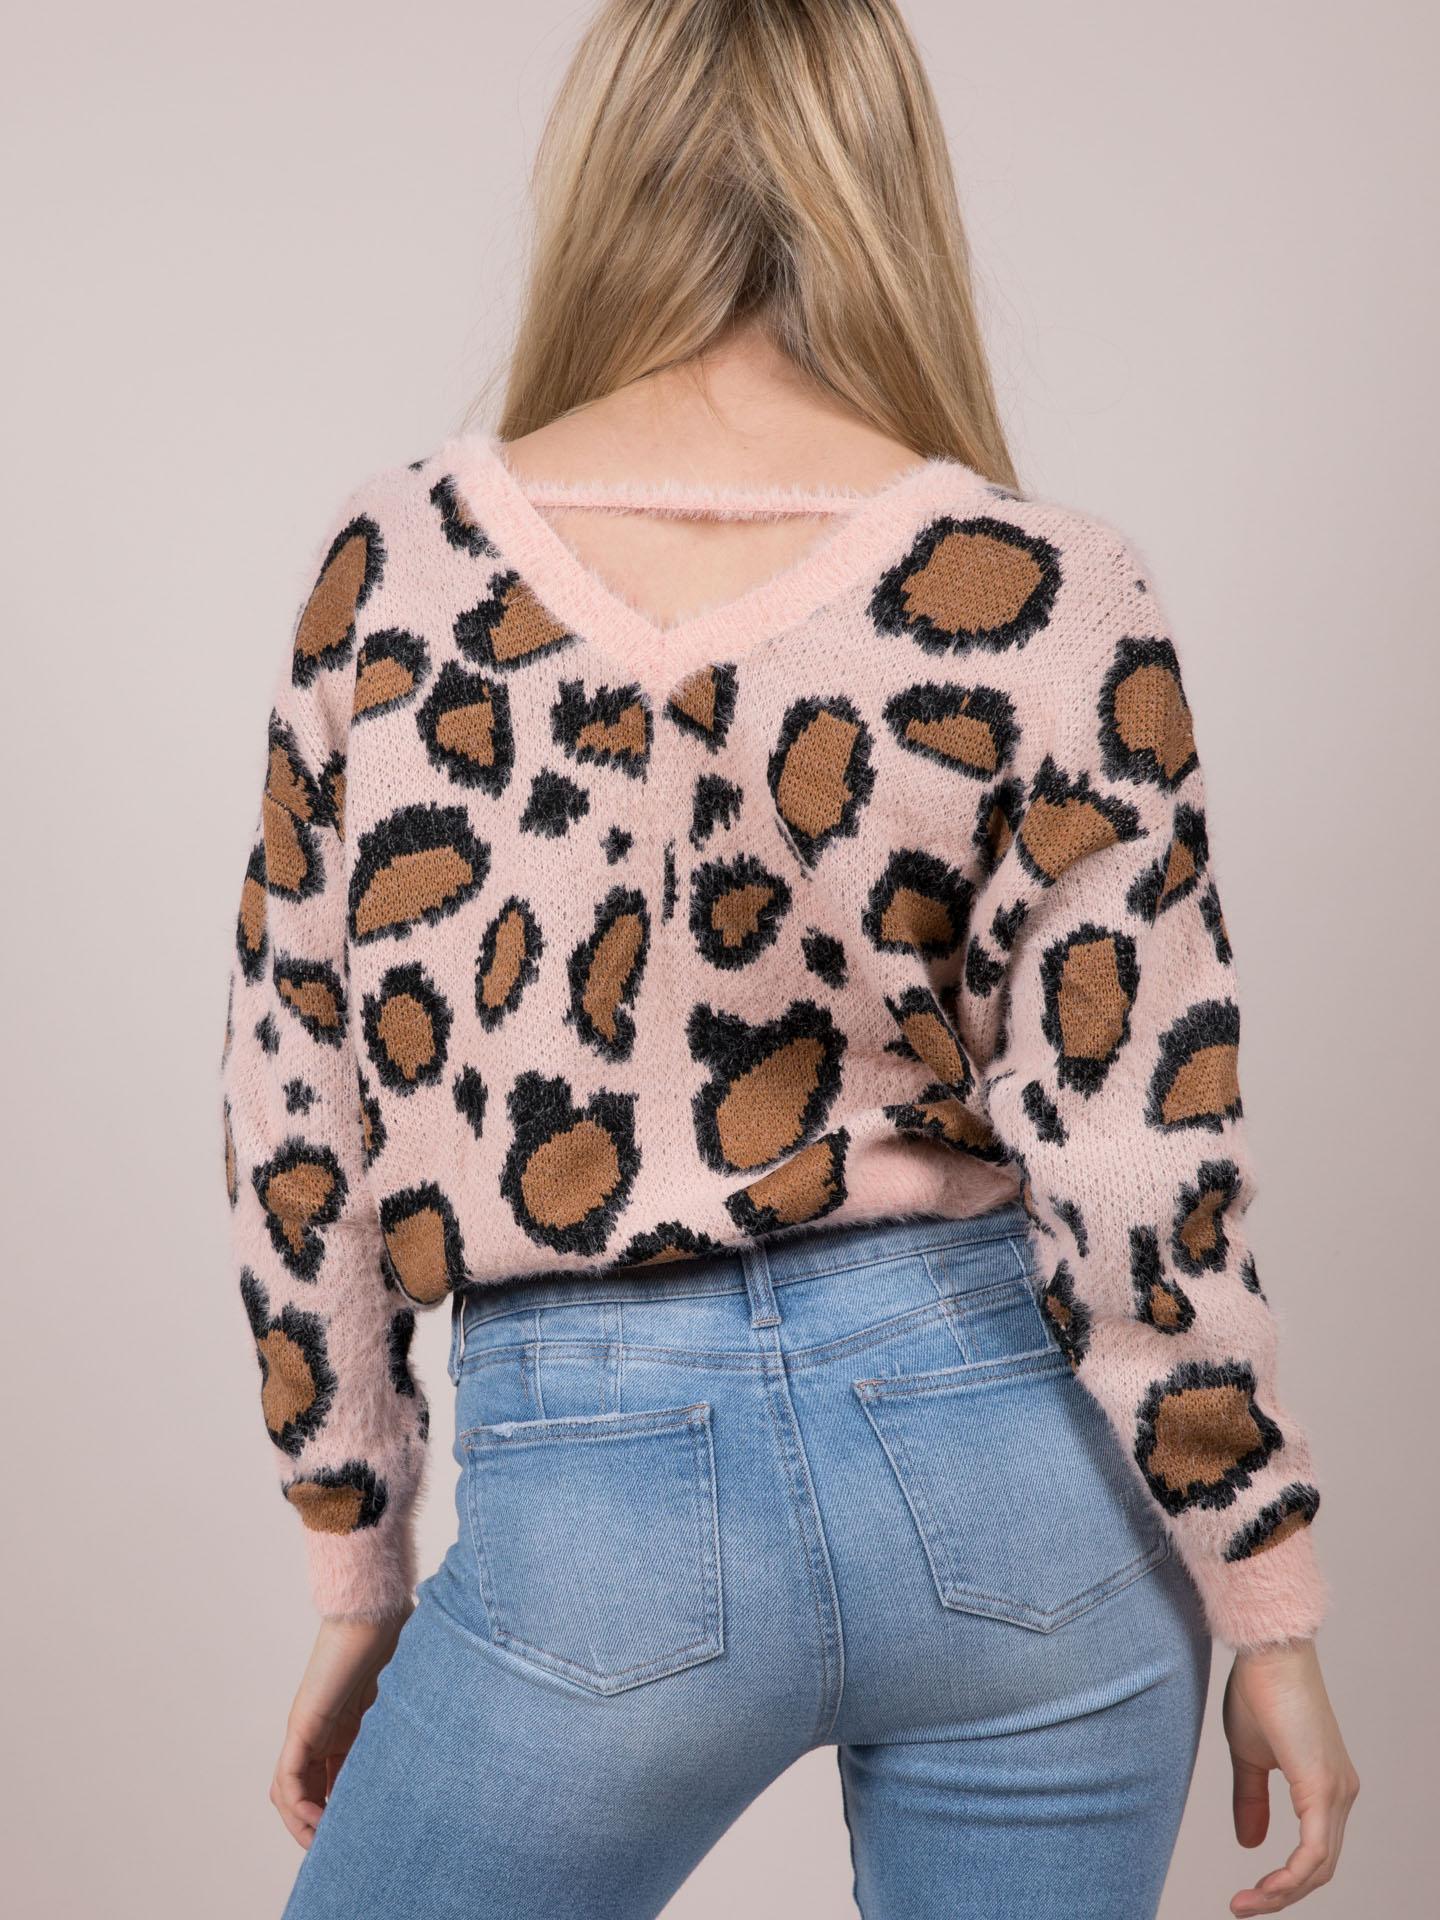 Leopard Fuzzy Sweater Fierce Furry Layer Piece Back